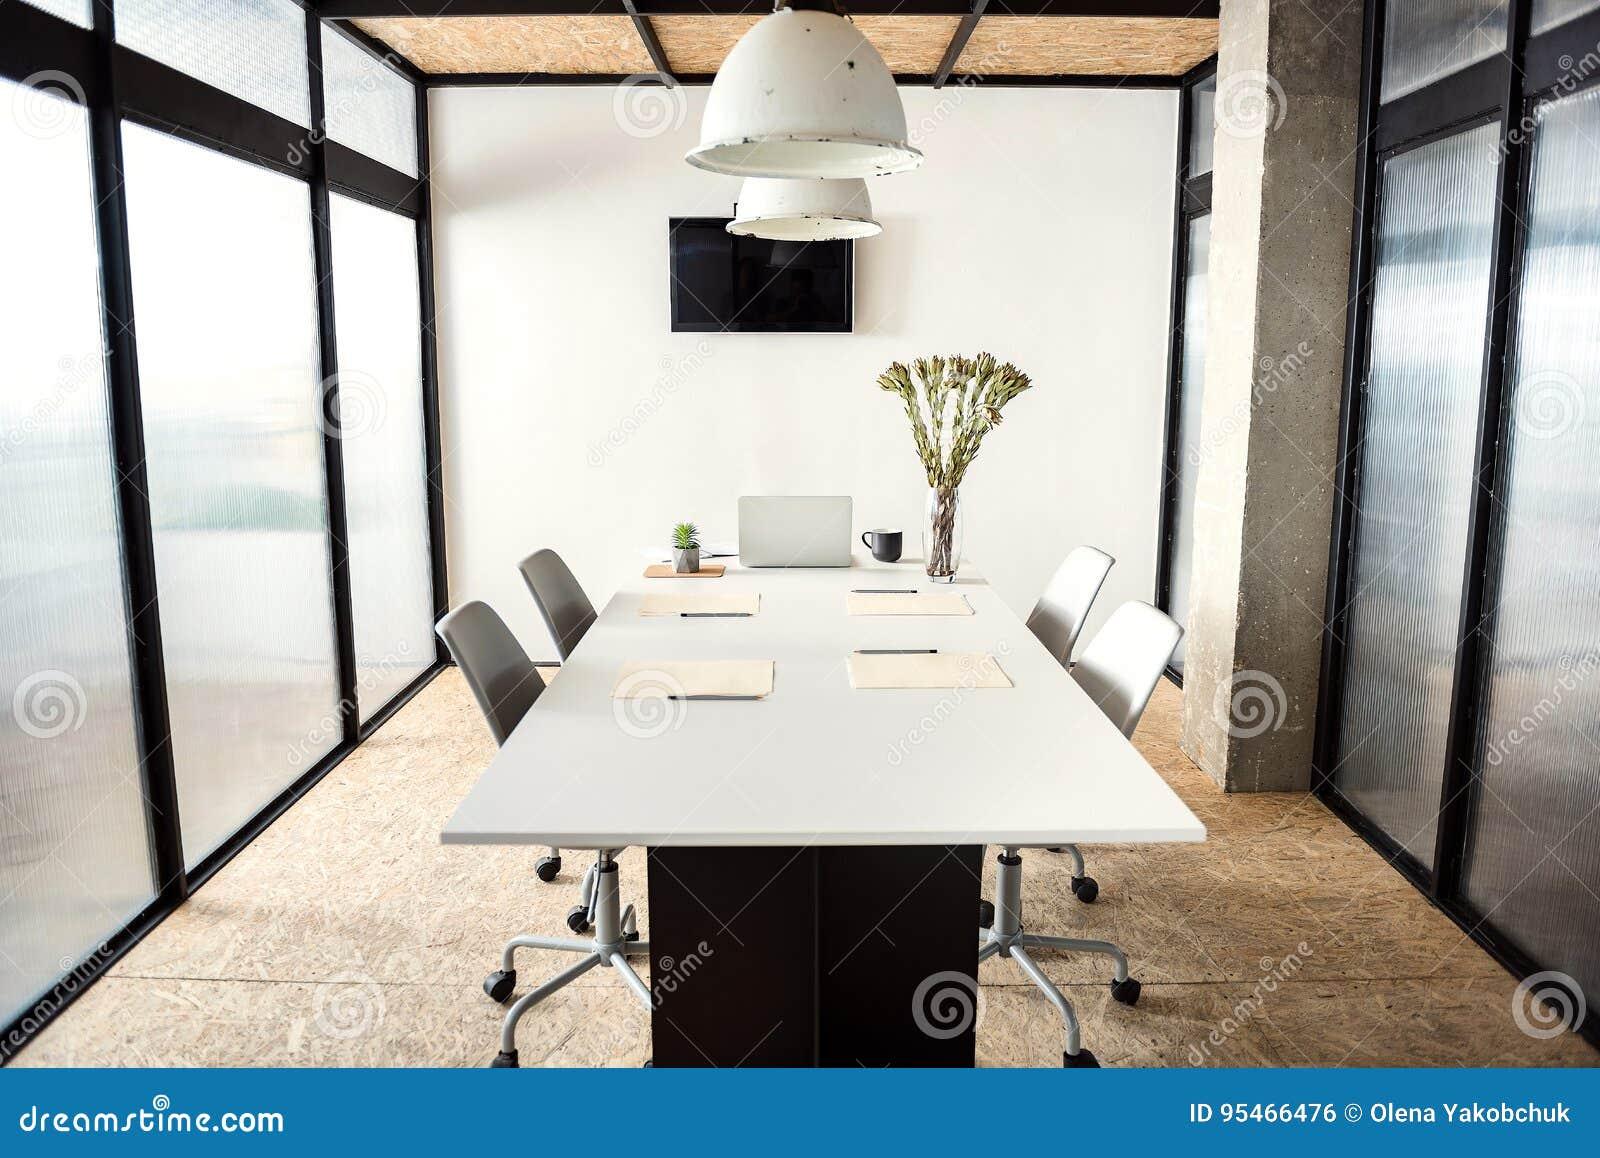 Bureau confortable meublé pour des négociations